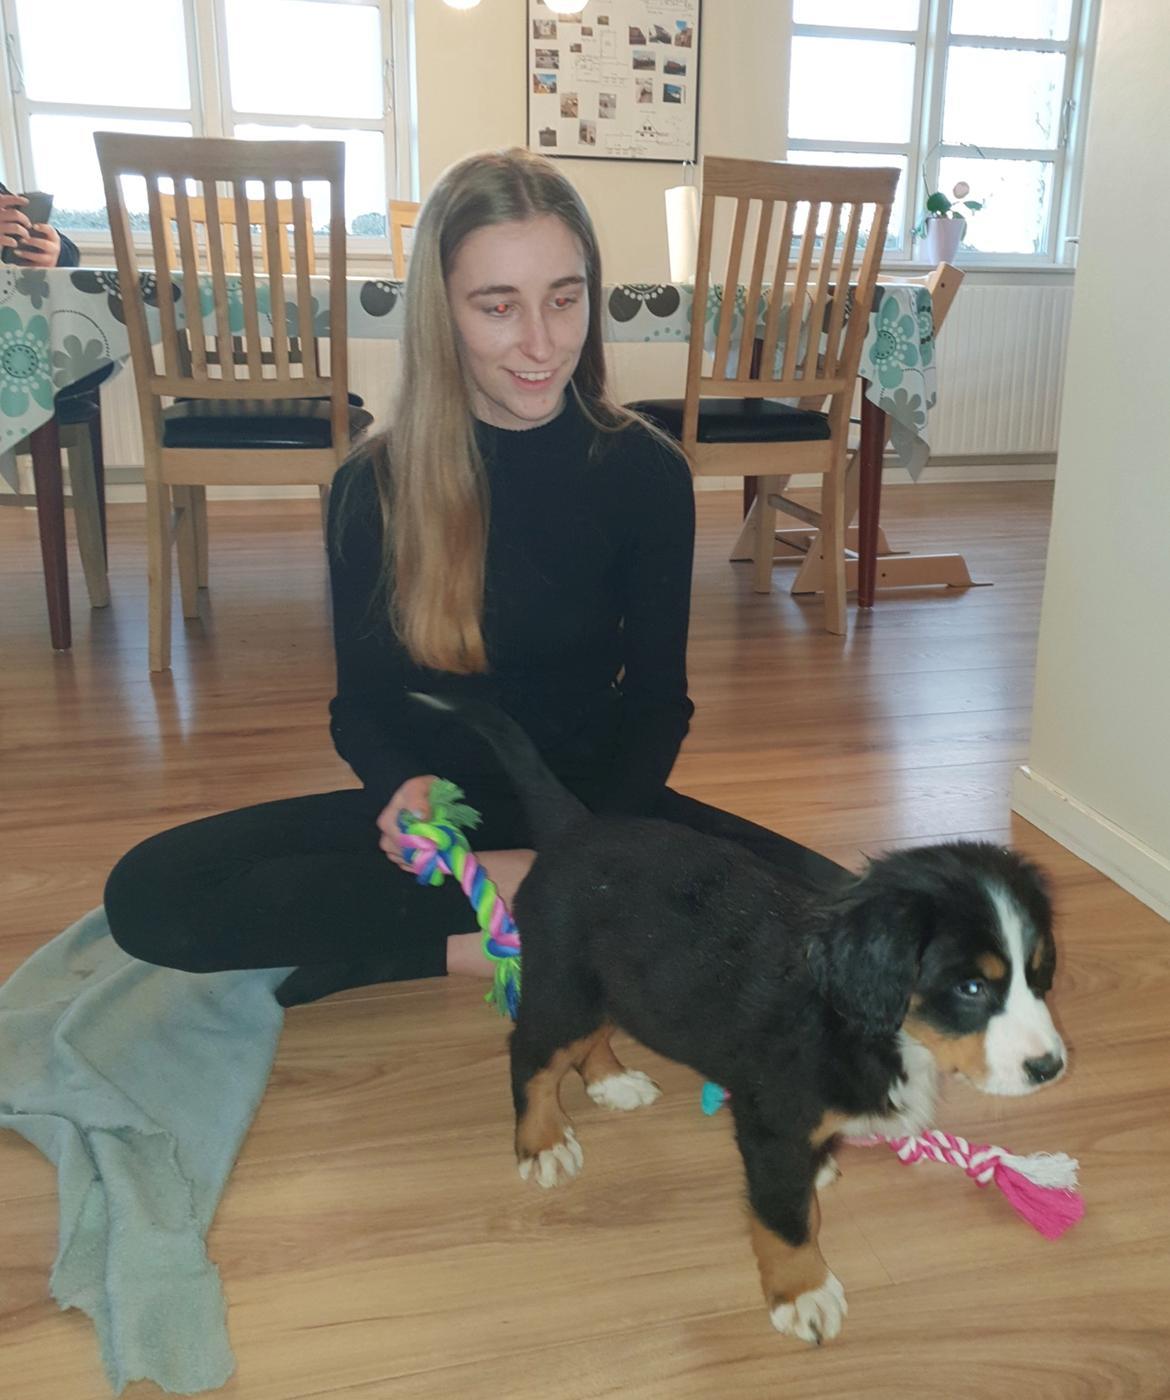 Berner sennenhund Toffie - Inde for og teste mit legetøj billede 11